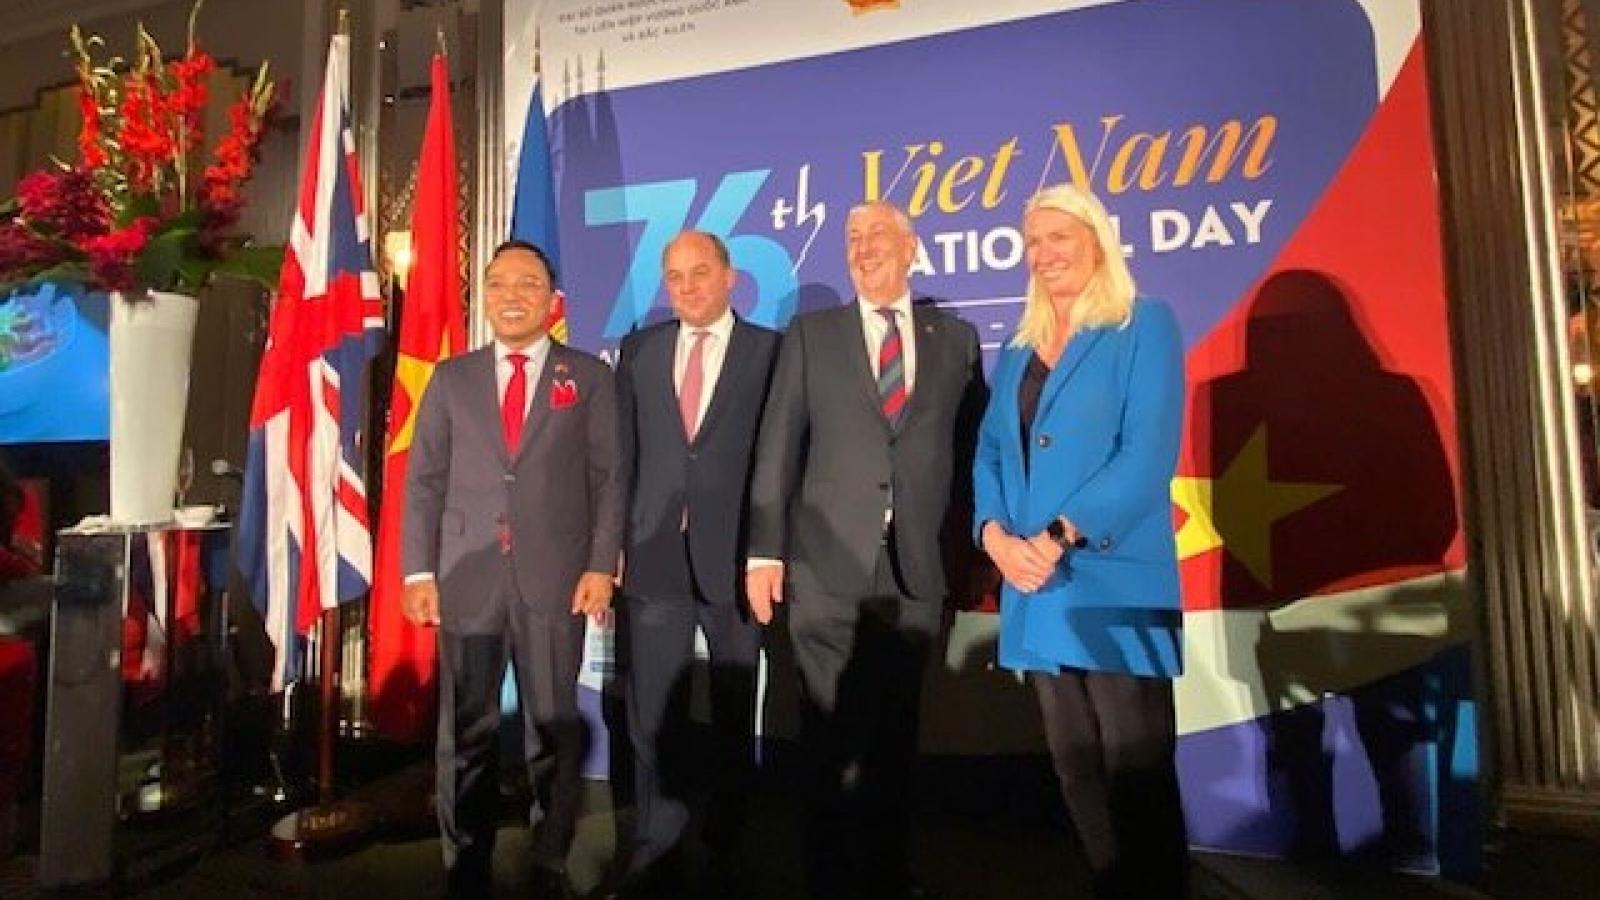 Nhiều quan chức cấp cao Anh dự kỷ niệm Quốc khánh Việt Nam lần thứ 76 tại London